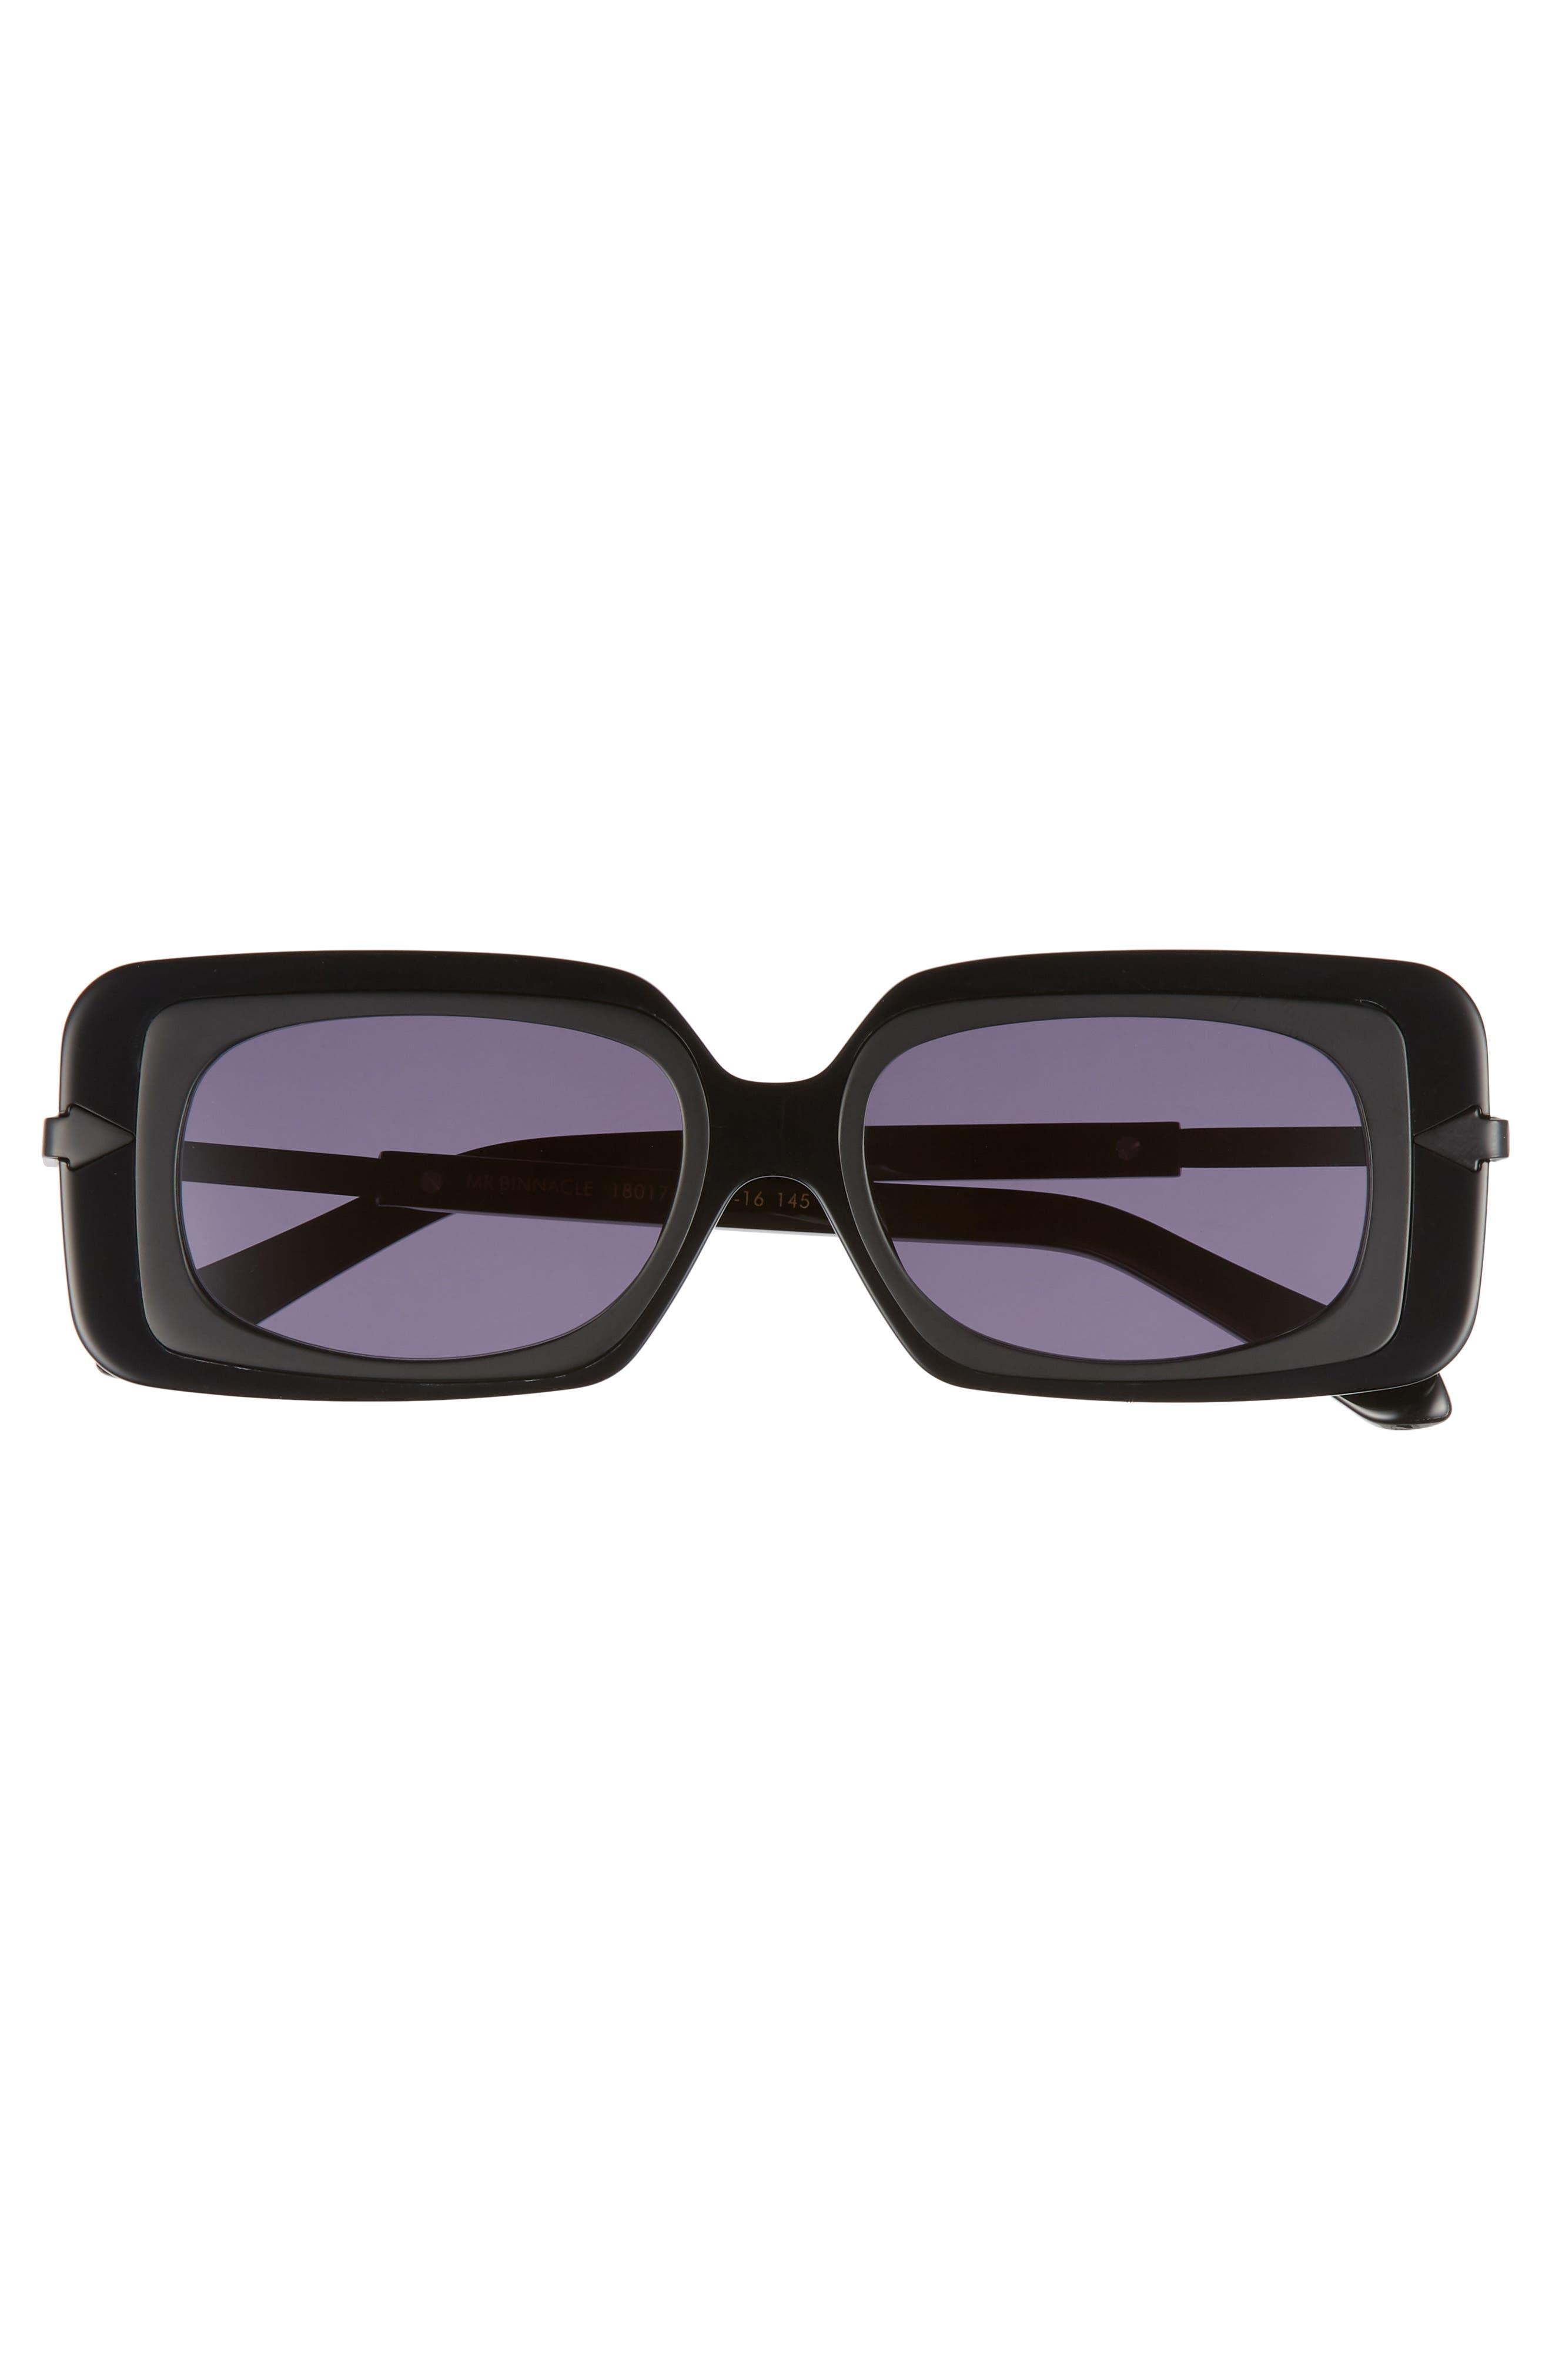 KAREN WALKER,                             Mr. Binnacle 51mm Sunglasses,                             Alternate thumbnail 3, color,                             001